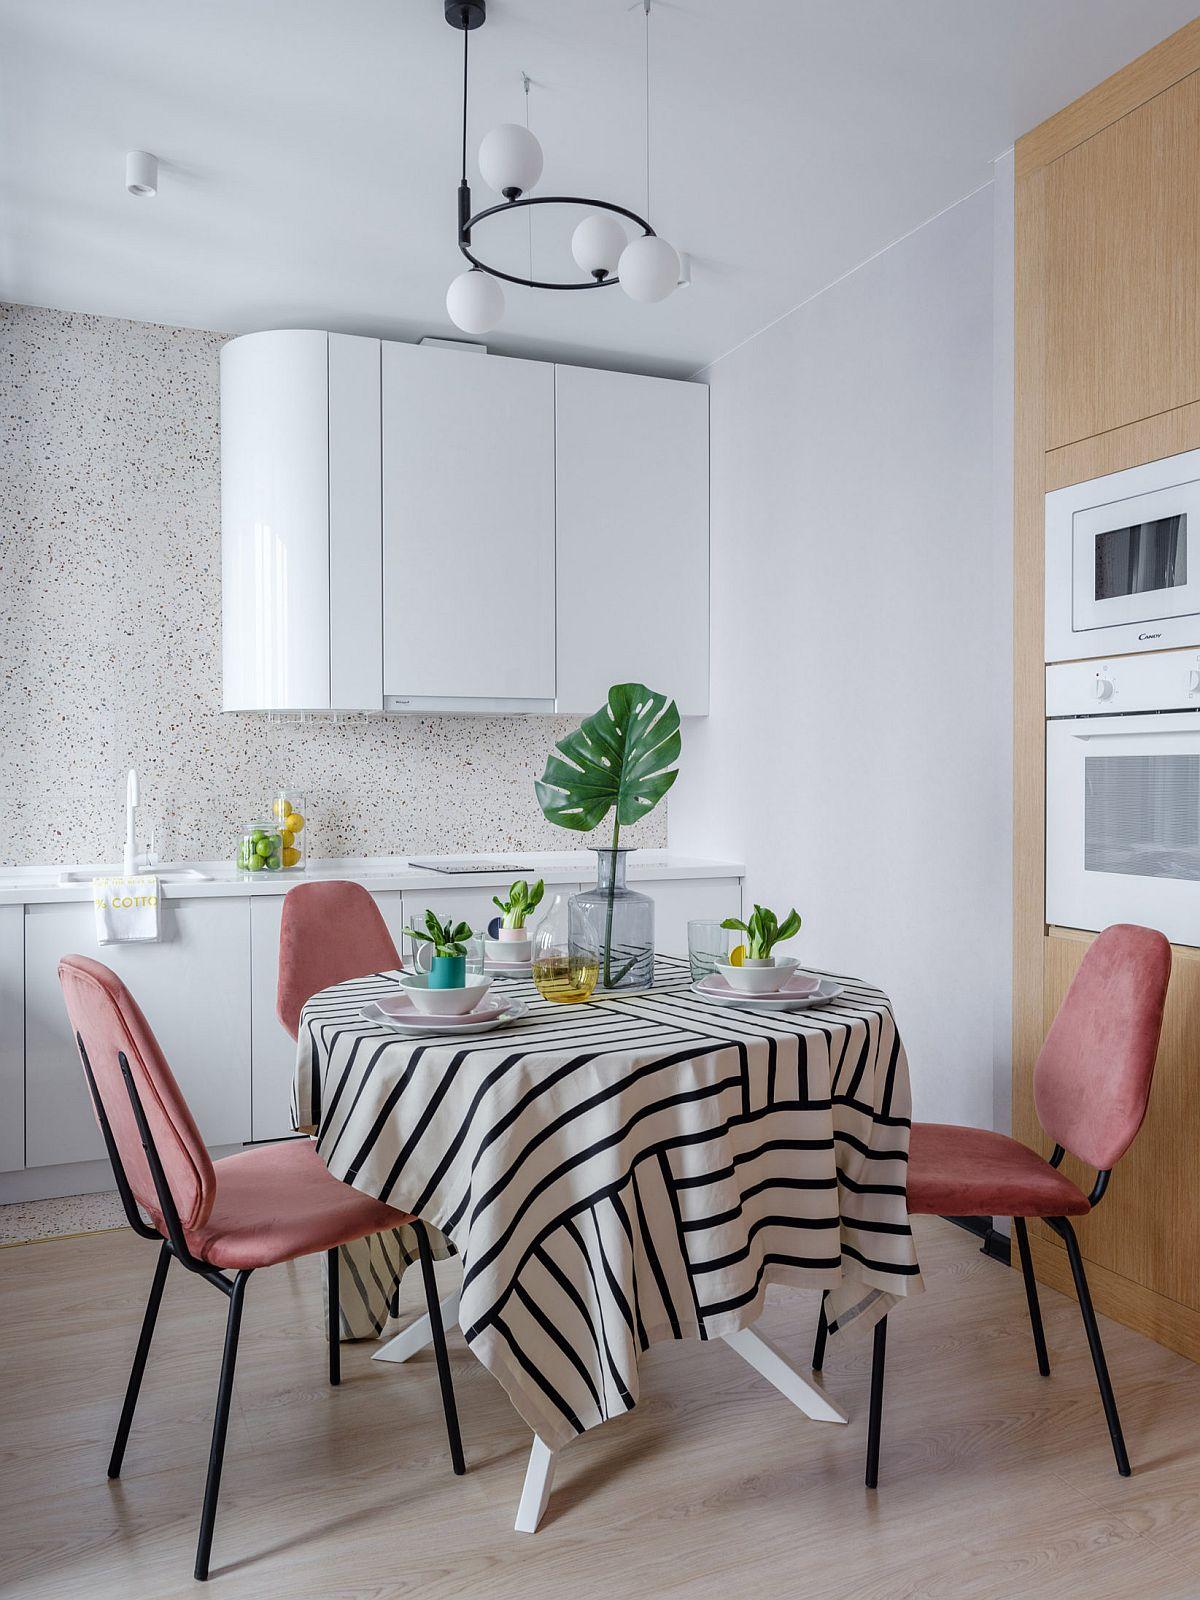 Bucătăria este minimală și organizată pe două laturi. Pentru electrocasnicele încastrate designerișele s-au folosit de peretele înalt pe care l-au prevăzut cu fronturi calde cu textură similară lemnului (PAL cu aspect de lemn).